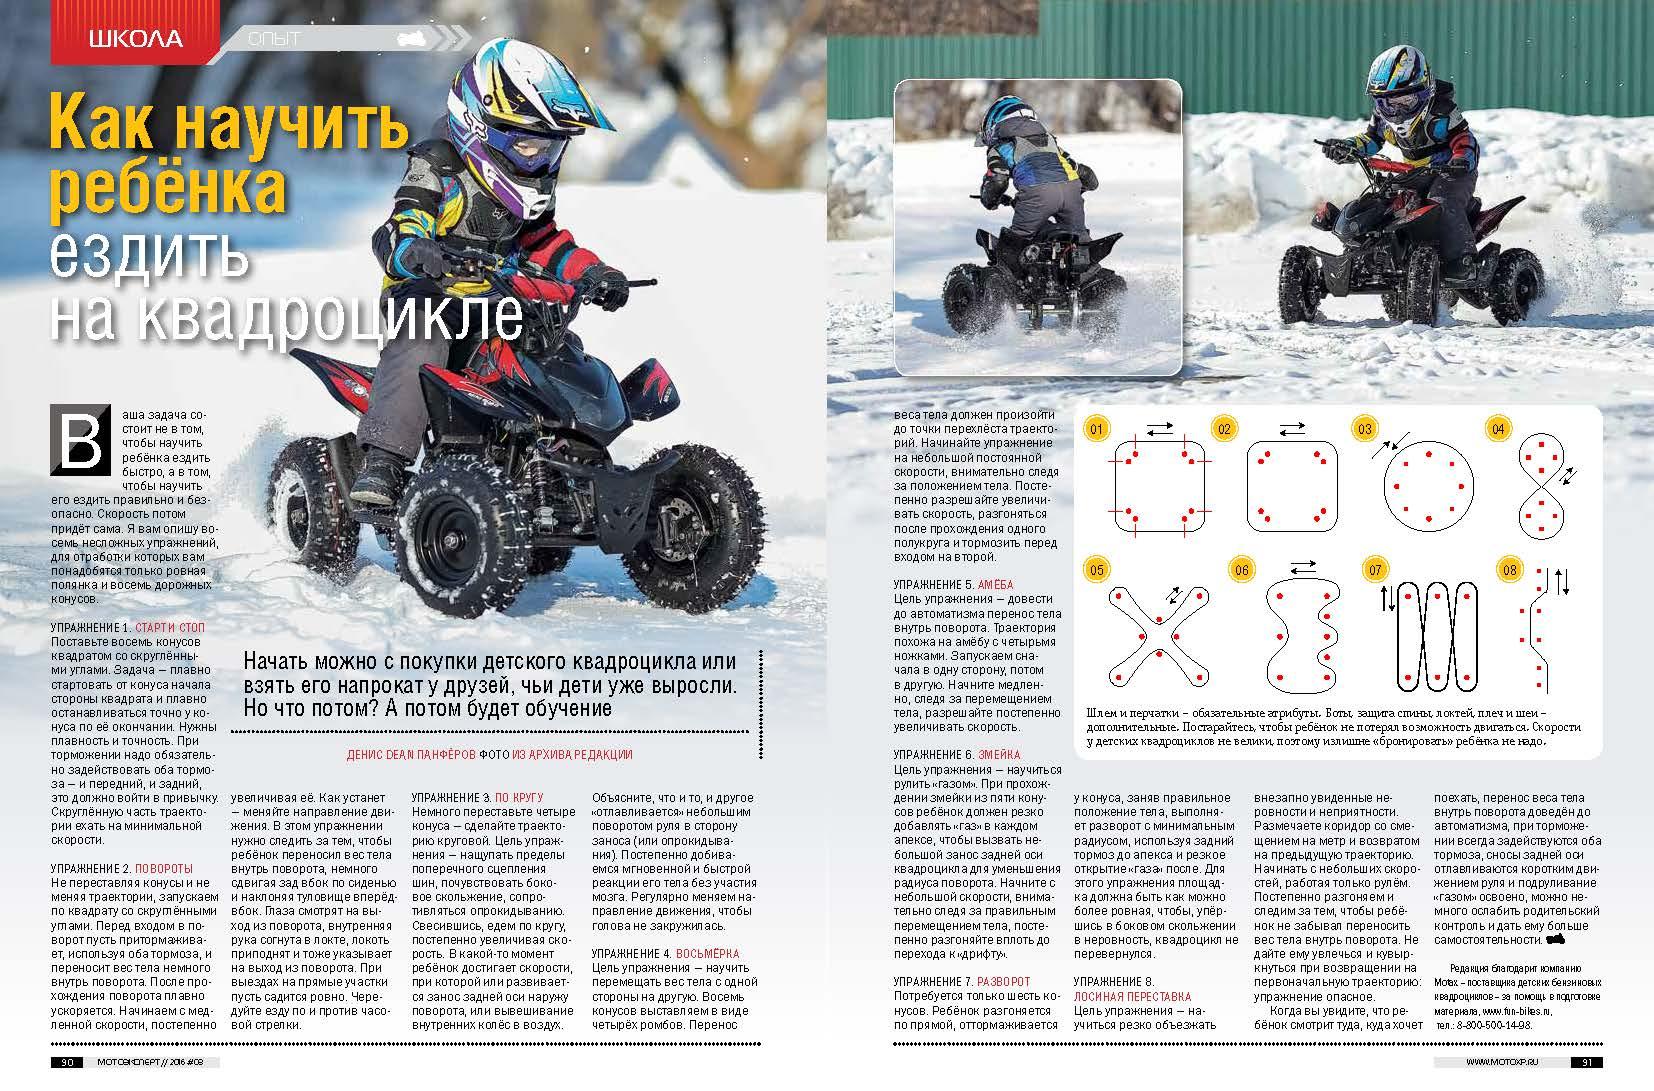 Как пользоваться аккумулятором зимой на снегоходе, квадроцикле, как помогает литол аккумулятору